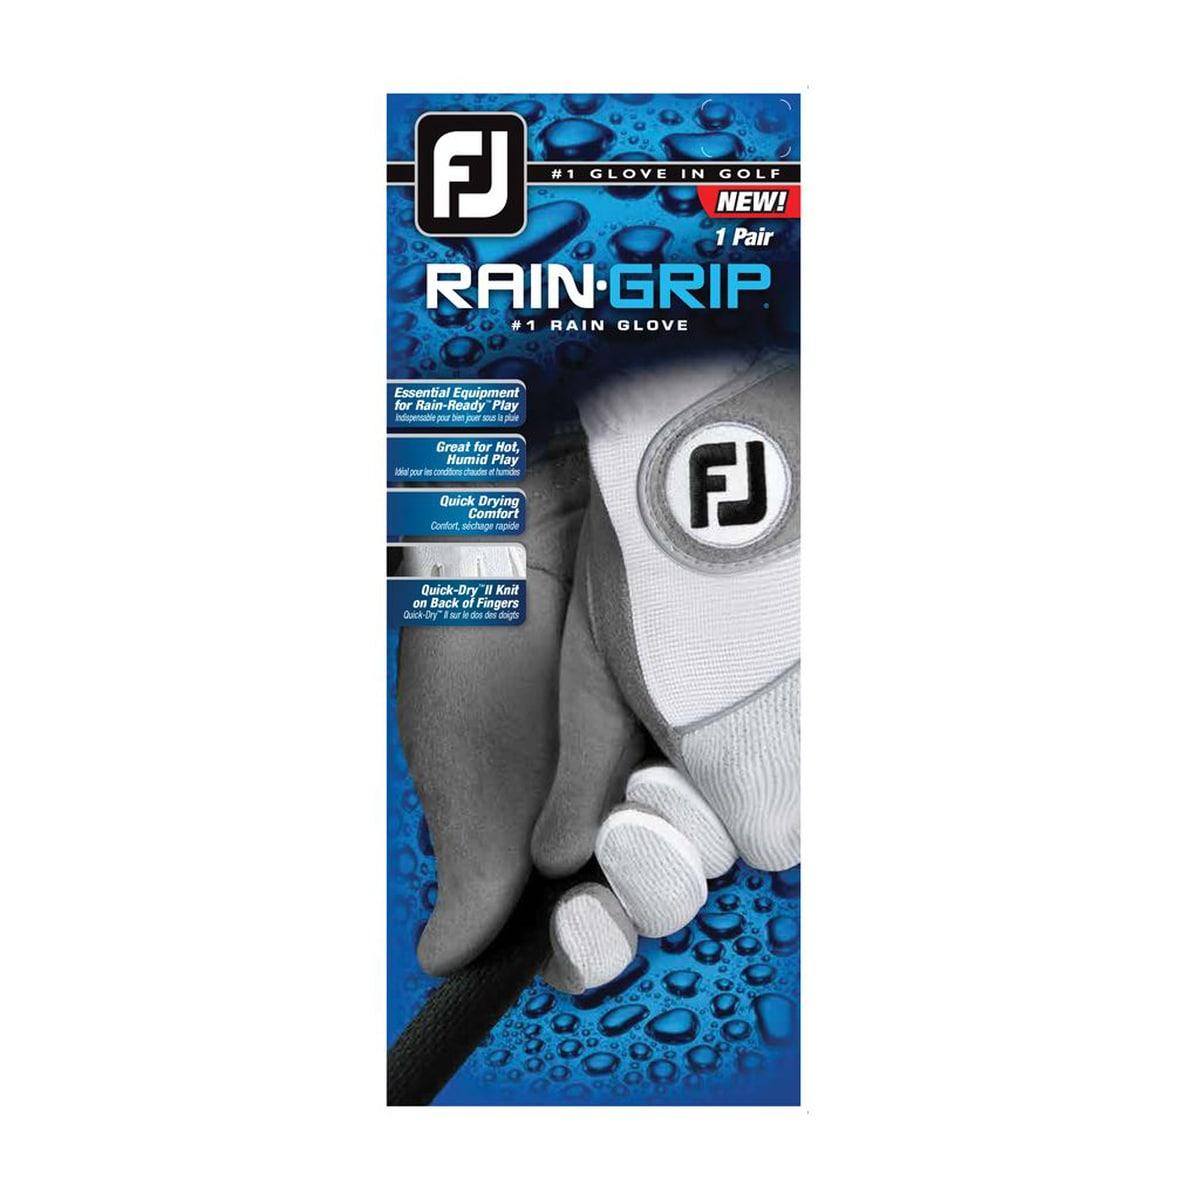 RainGrip